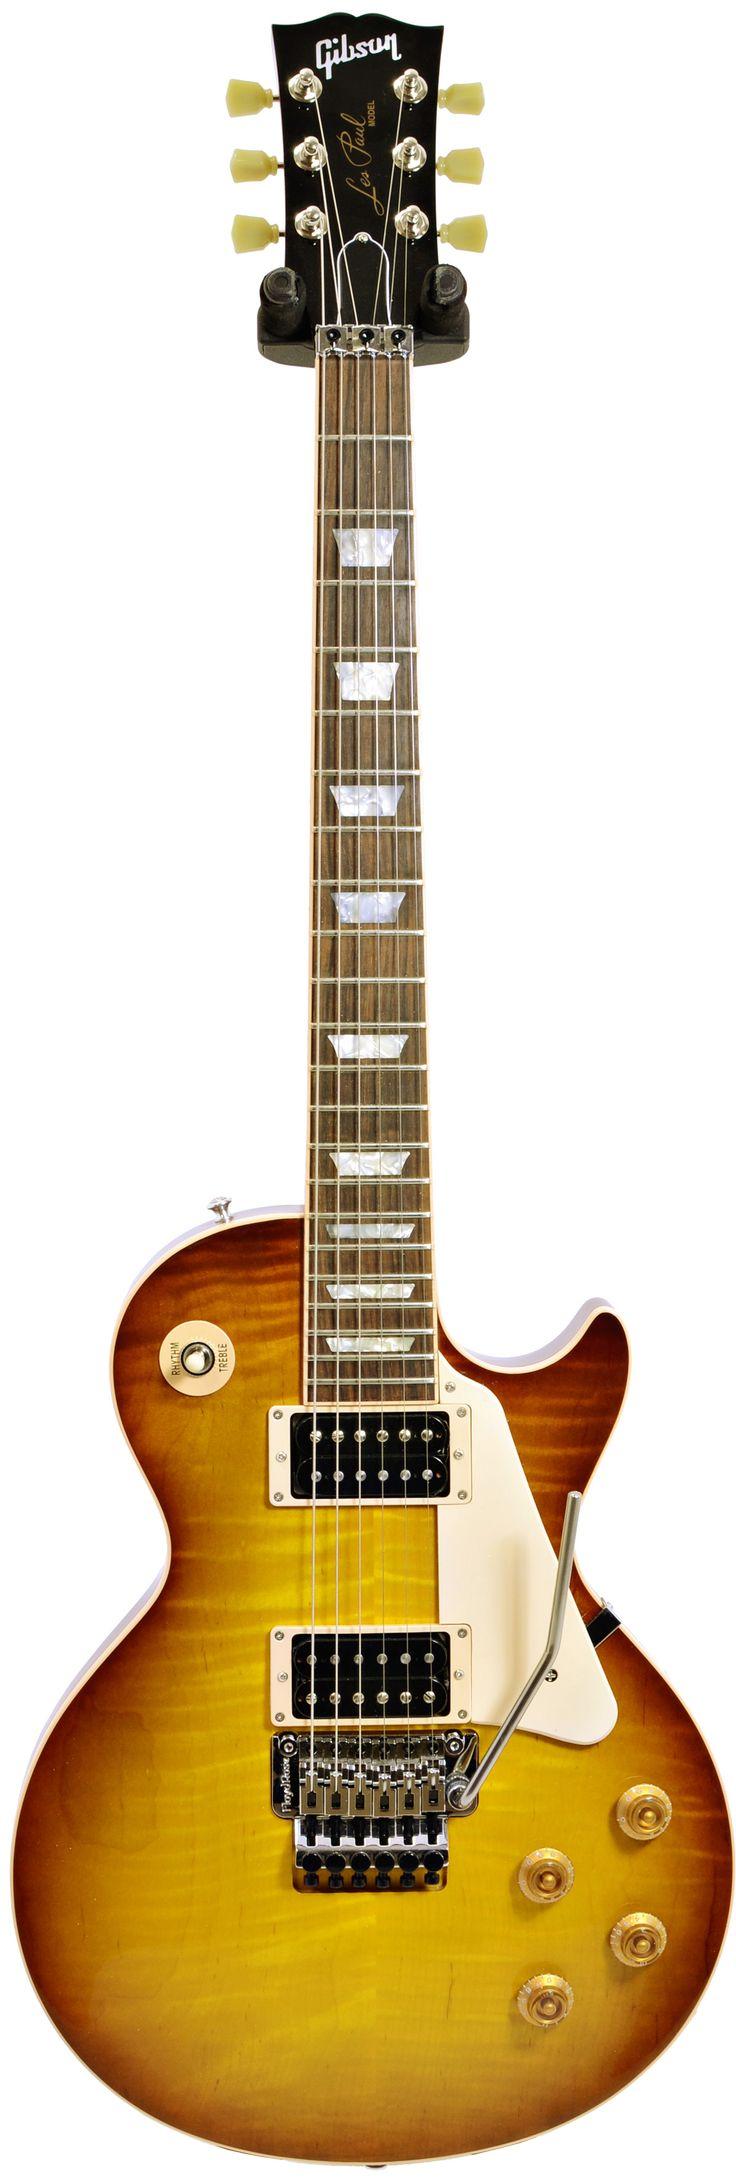 Gibson Custom Shop Les Paul Axcess Floyd Rose Iced Tea w Scratch Plate.jpg